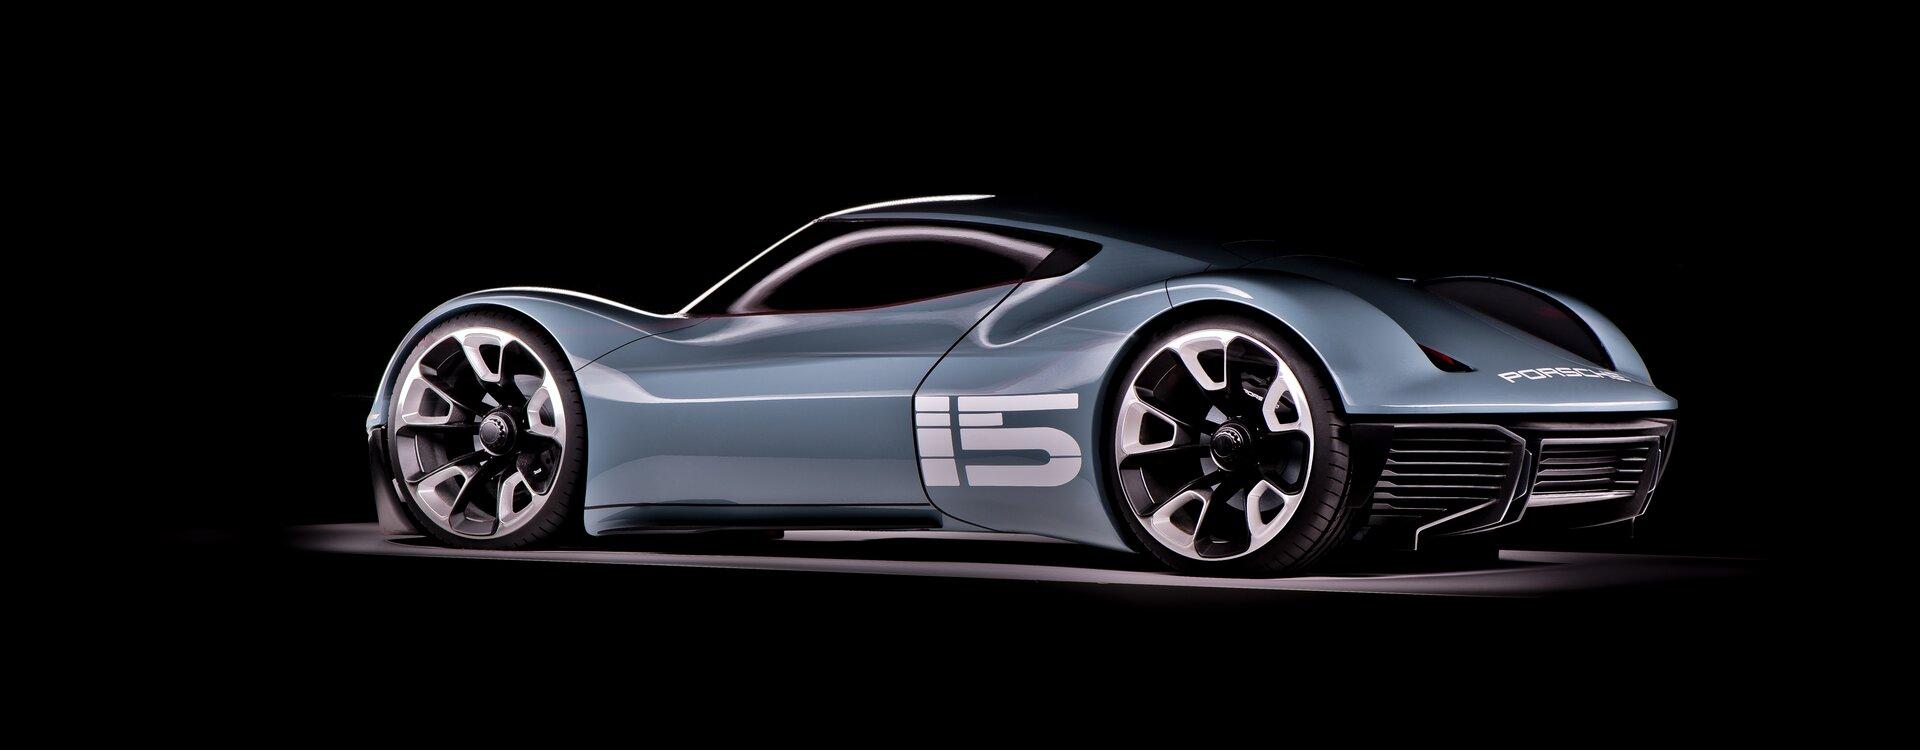 Porsche-Vision-916-3